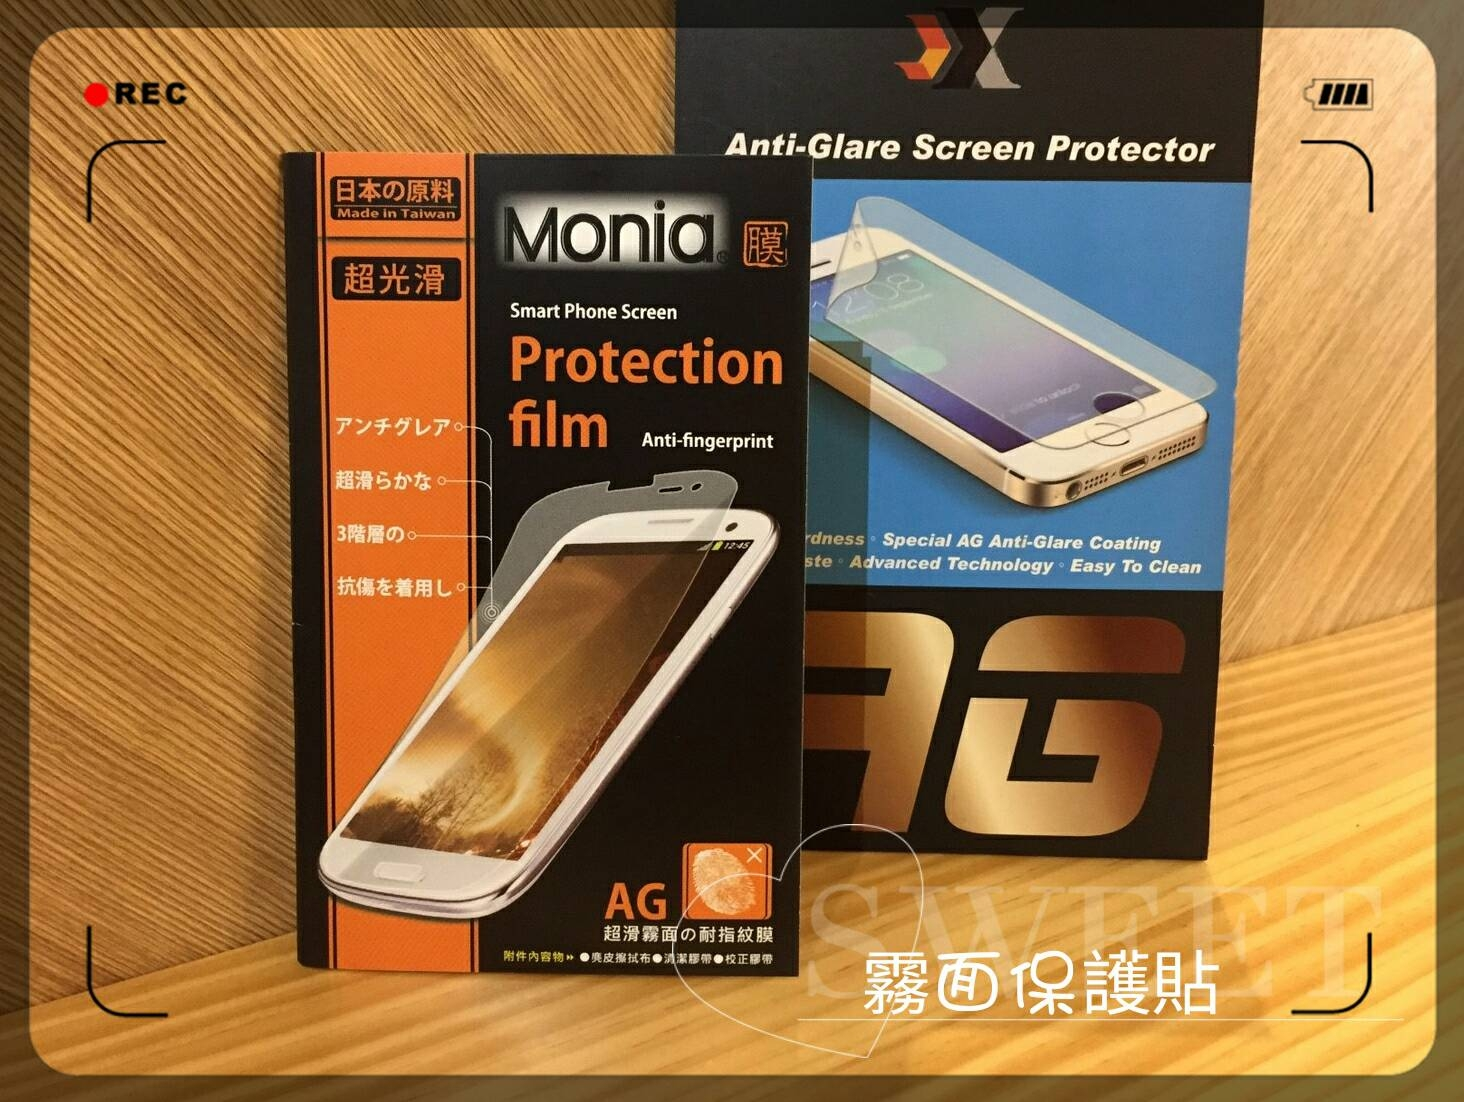 『霧面保護貼』Xiaomi MI3 小米3 M13W 5吋 手機螢幕保護貼 防指紋 保護貼 保護膜 螢幕貼 霧面貼